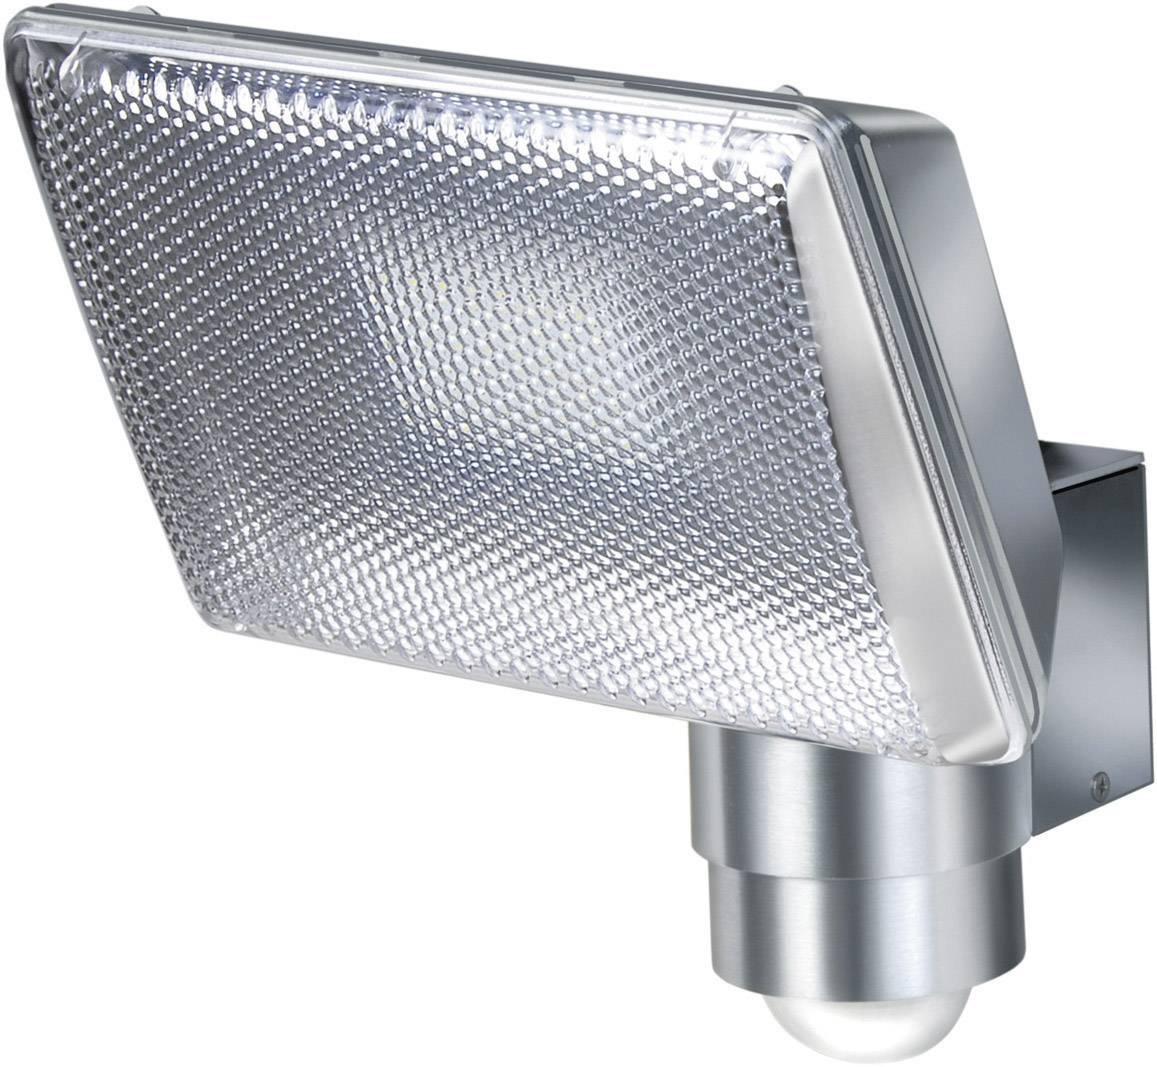 LEDvonkajšieosvetlenie s PIR senzorom Brennenstuhl L2705 1173350, 13.5 W, denné svetlo, striebornosivá